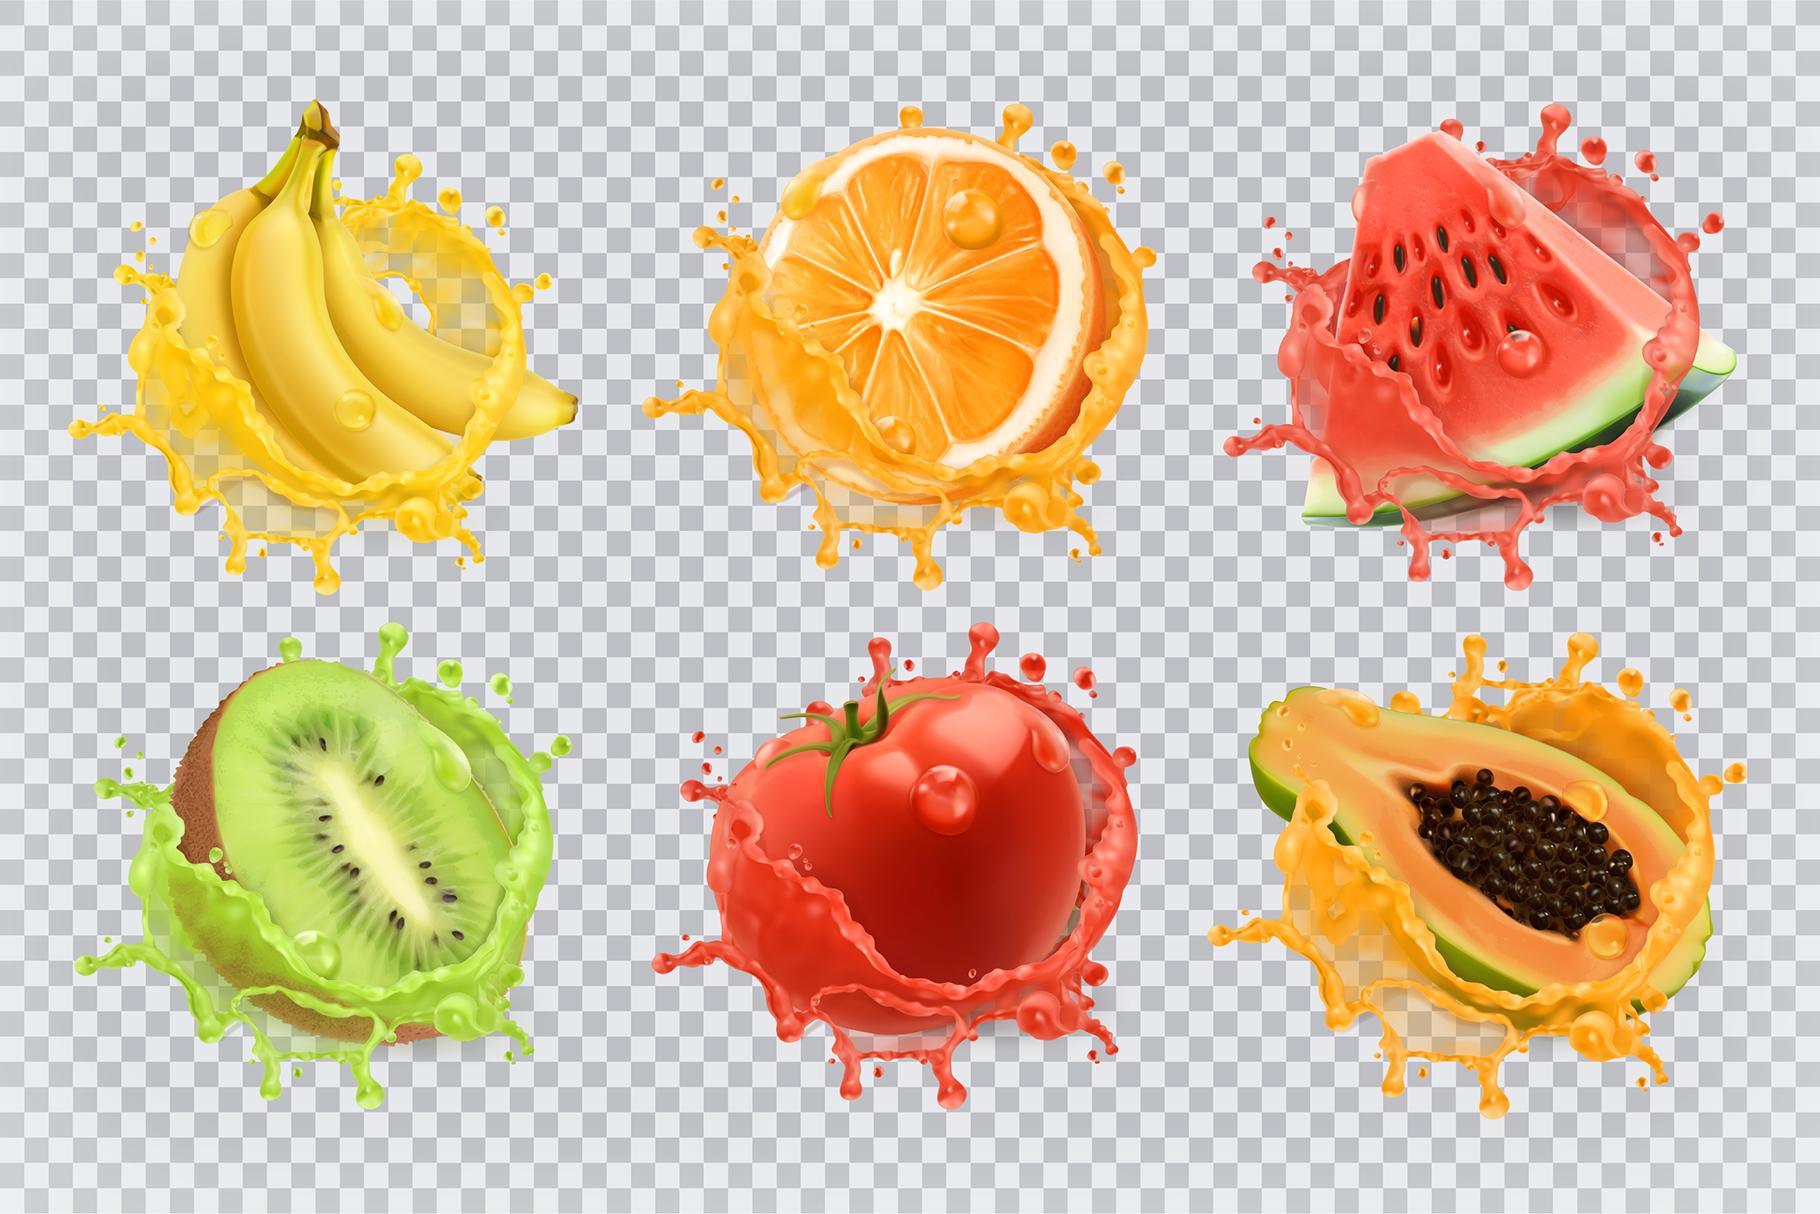 Orange juice, kiwi, banana, tomato juice, watermelon, papaya example image 1